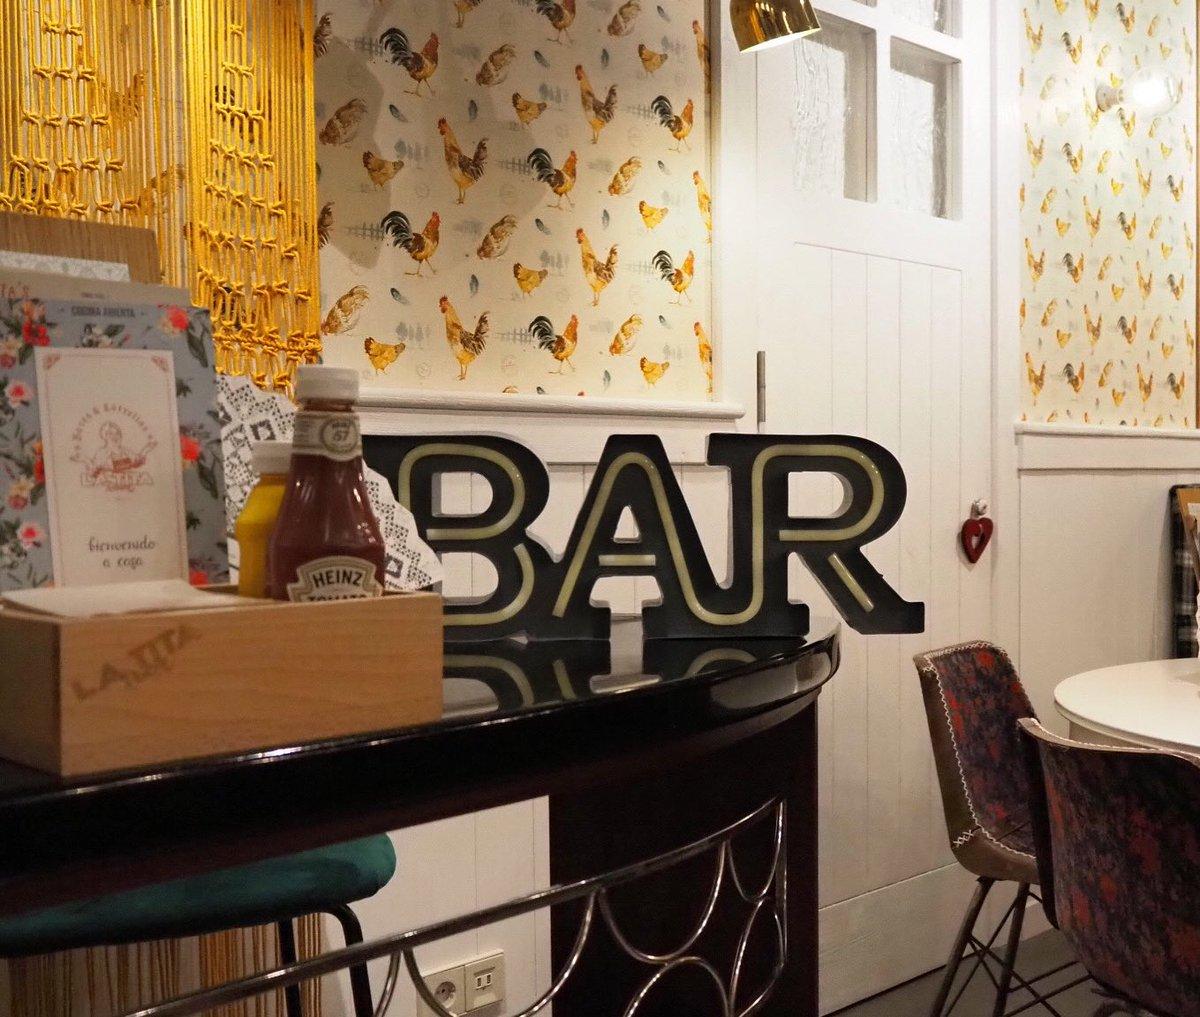 ¡No hay una barra de bar tan especial! ¡Perfecta y única para dos! En @LaTitaVigo tenemos un hueco para todos.  #Vigo #brunch #EstrellaGalicia #maeloc #LaTitaRivera #vigomola #vigocity #tanques #cerveza #cerveceros #locales #sidra #cider #bares #galiciacalidade #galicia